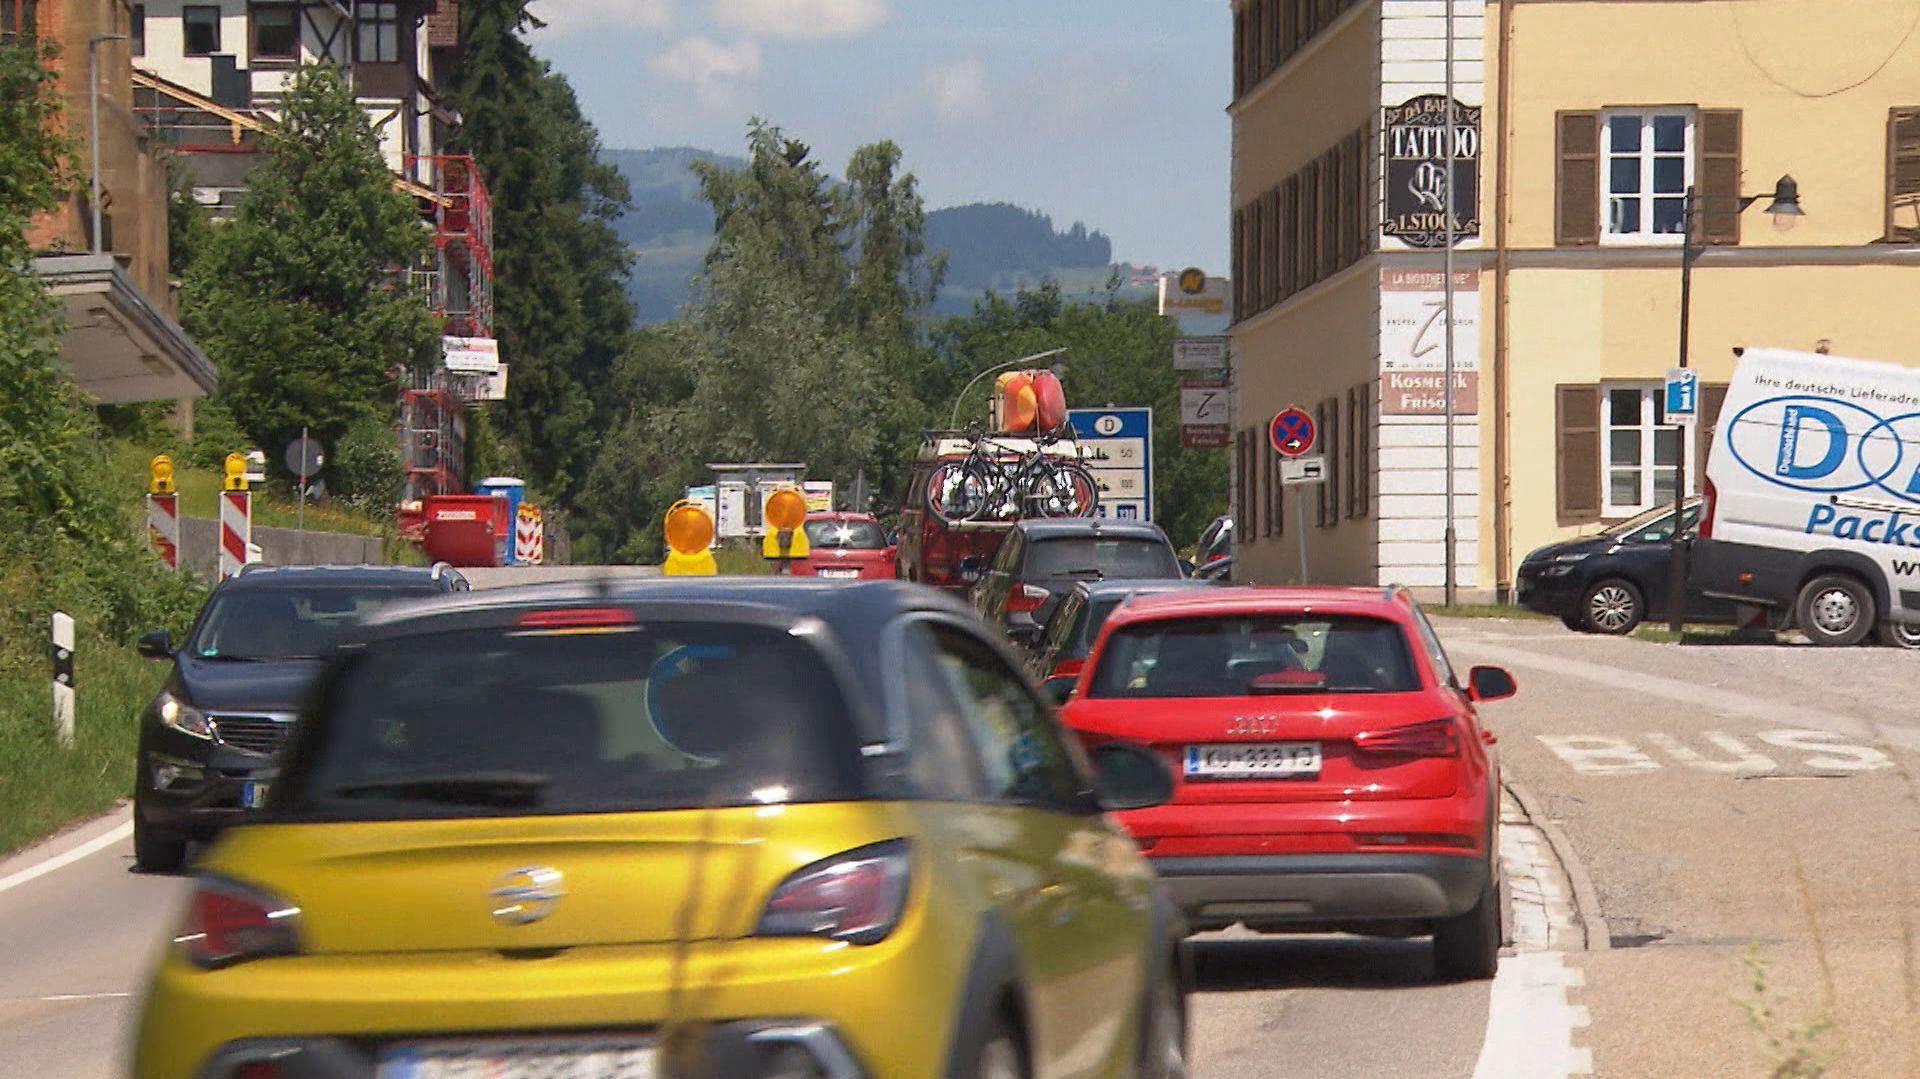 Zahlreiche Autos fahren durch eine Ortschaft in Tirol.